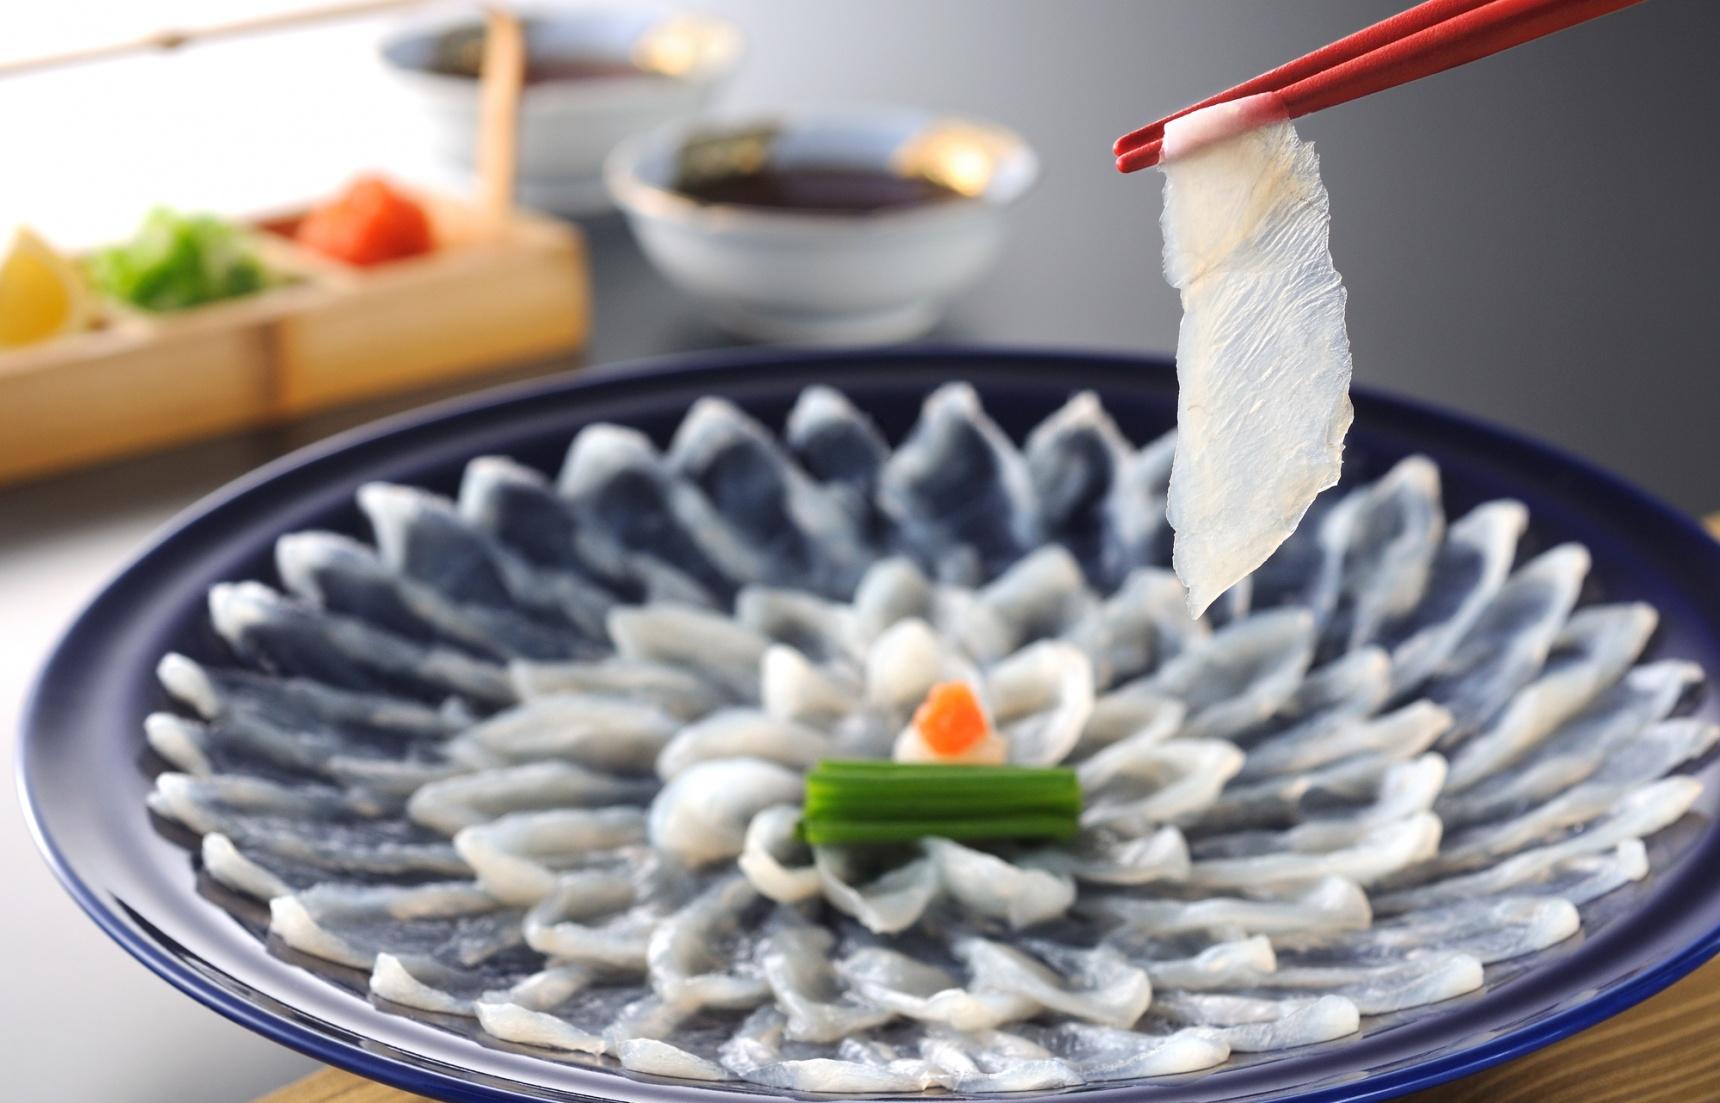 日本美食:致命的美味才最诱惑?令日本人感到幸福的食物(二)